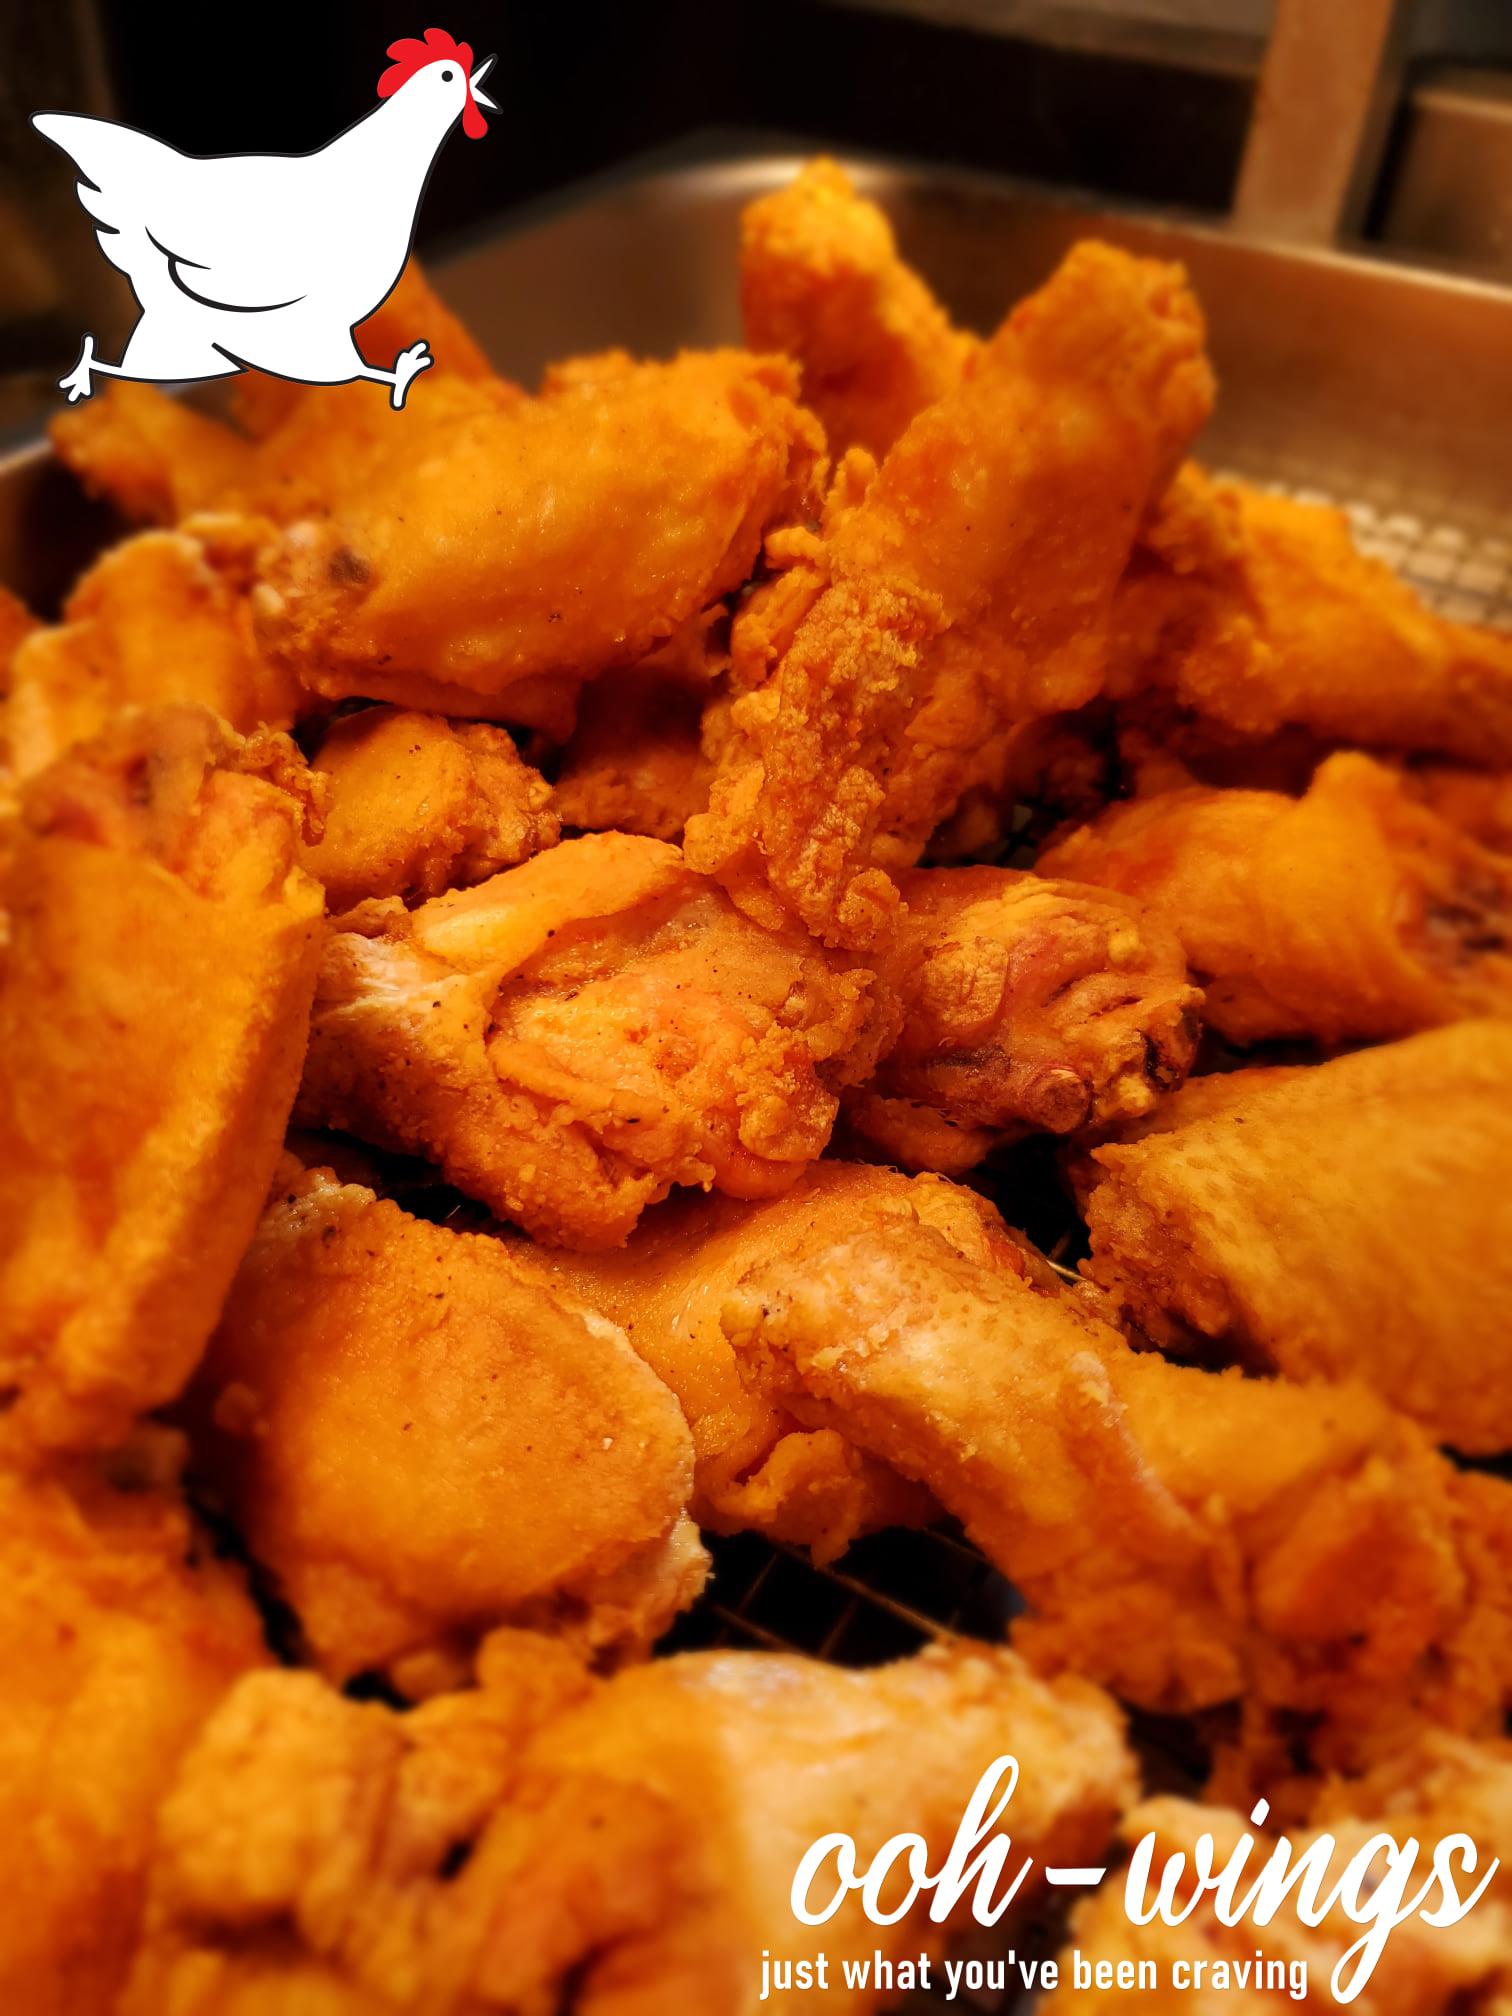 ooh wings.jpg